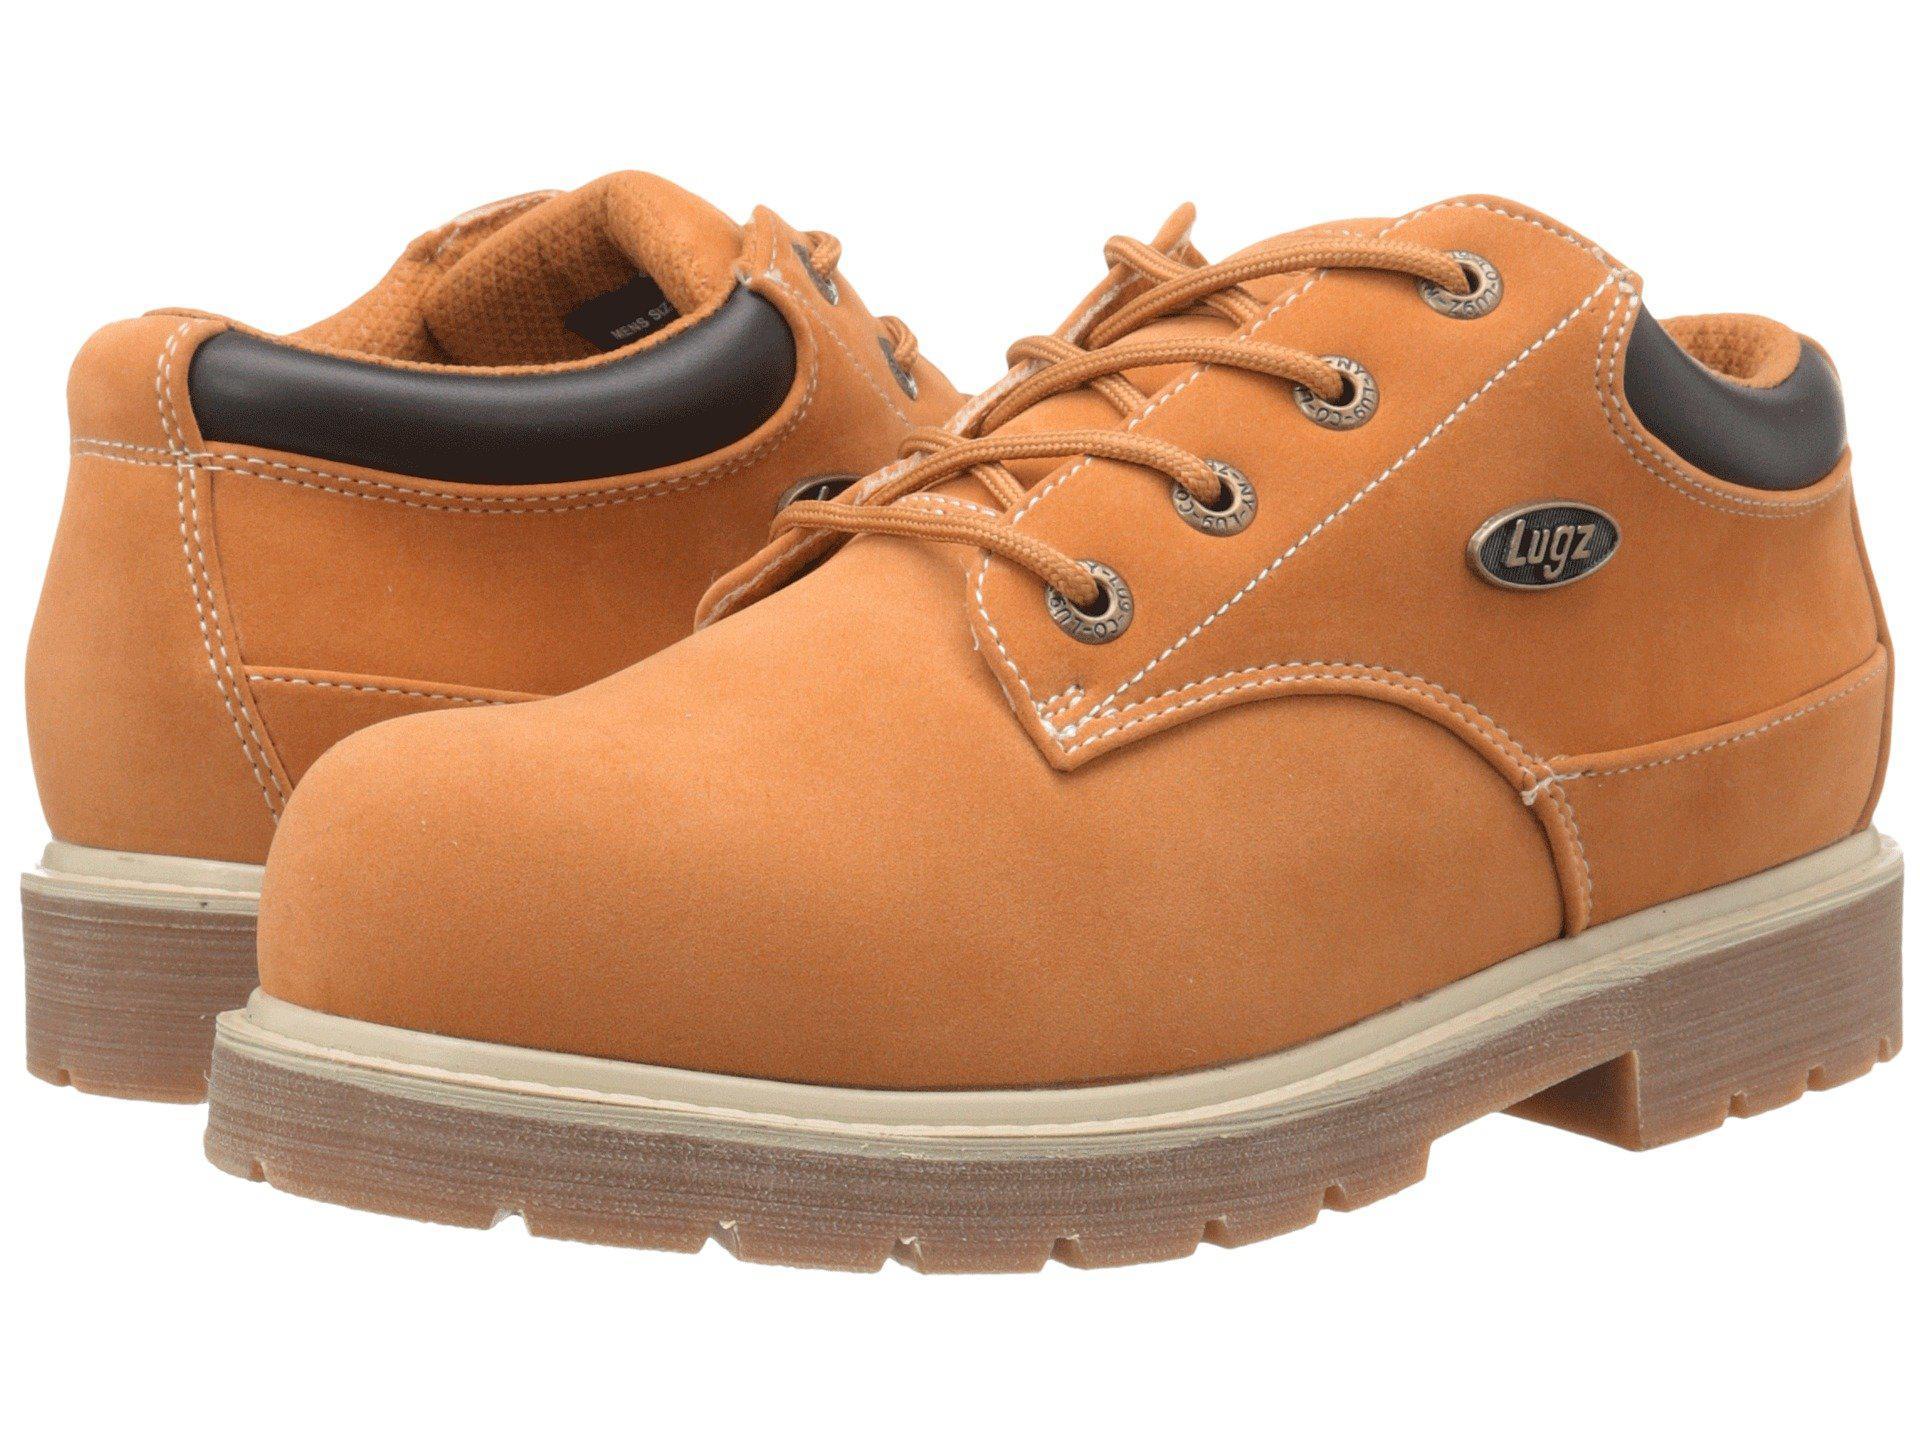 Lugz Roamer Lo Men's Shoes fashion Style cheap online zjXUp